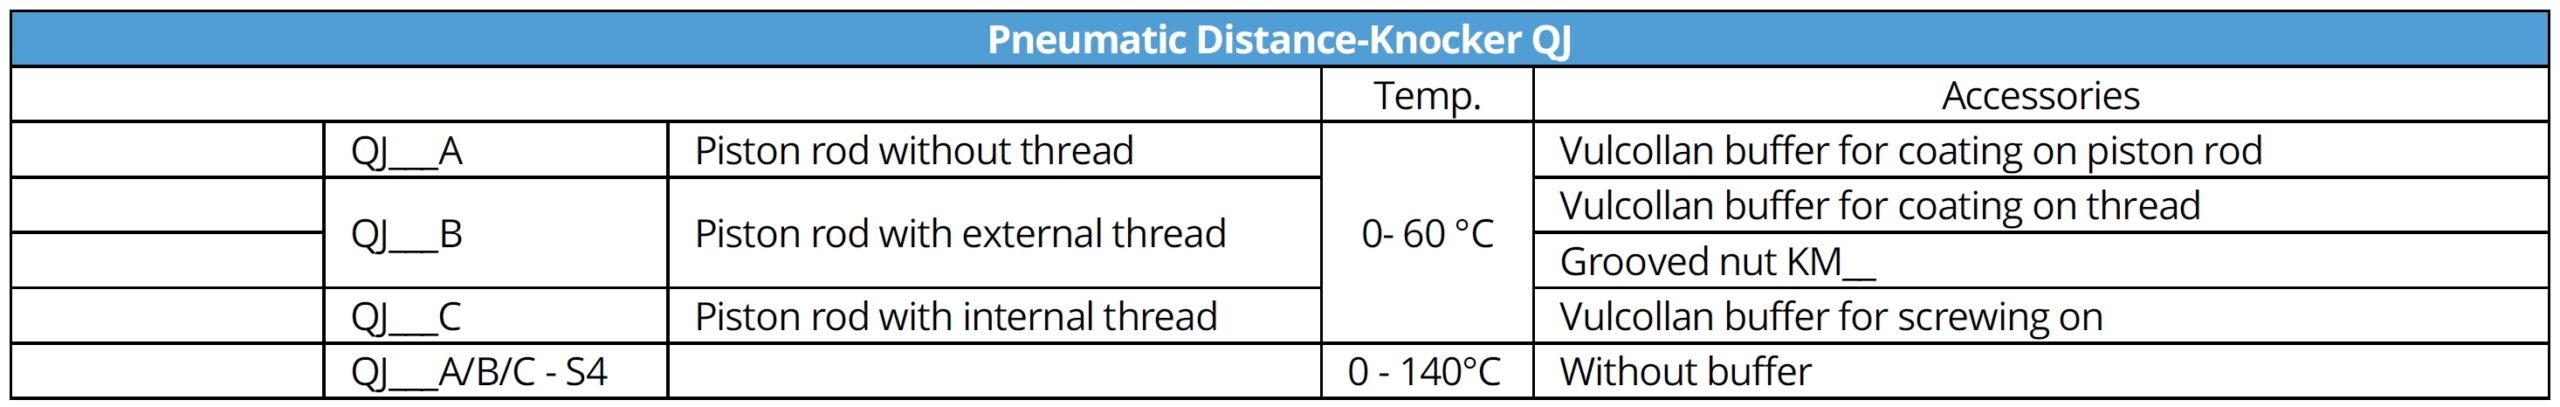 singold-pneumatic-impulse-knocker-versions